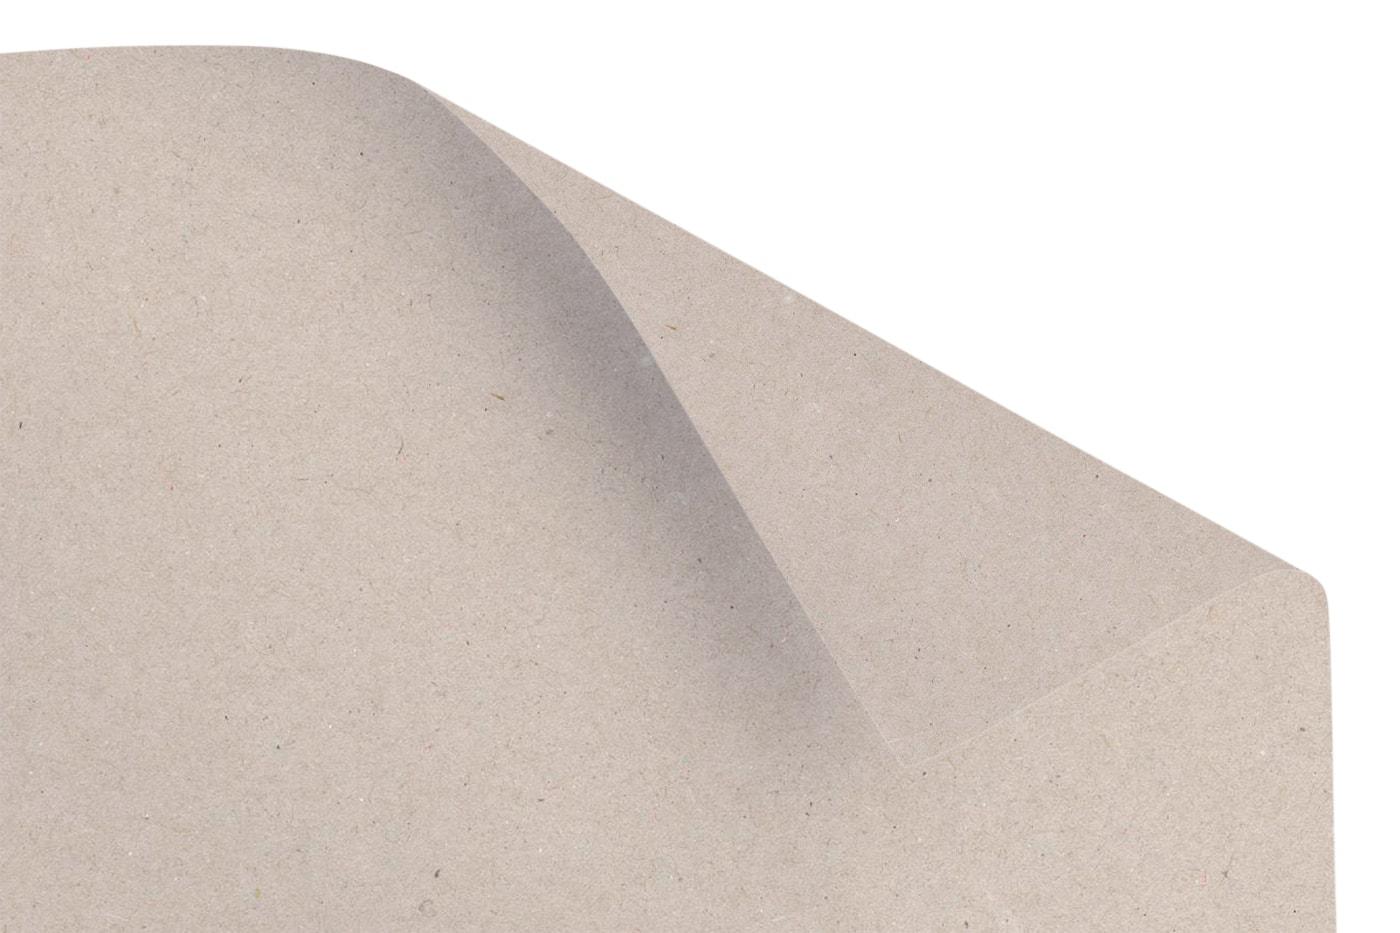 Seidenpapier 25g/m² 75x100cm